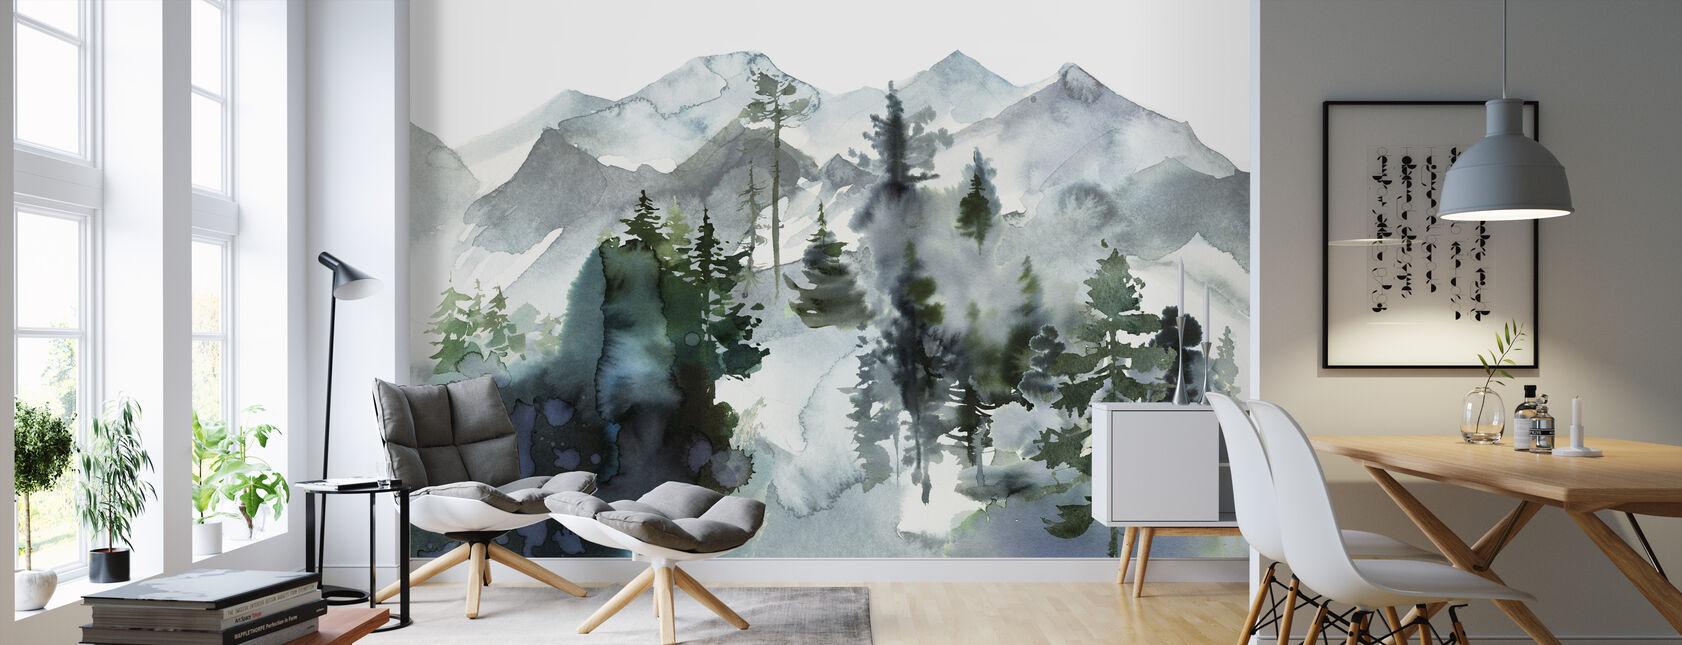 Akvarell Landskap - Tapet - Vardagsrum